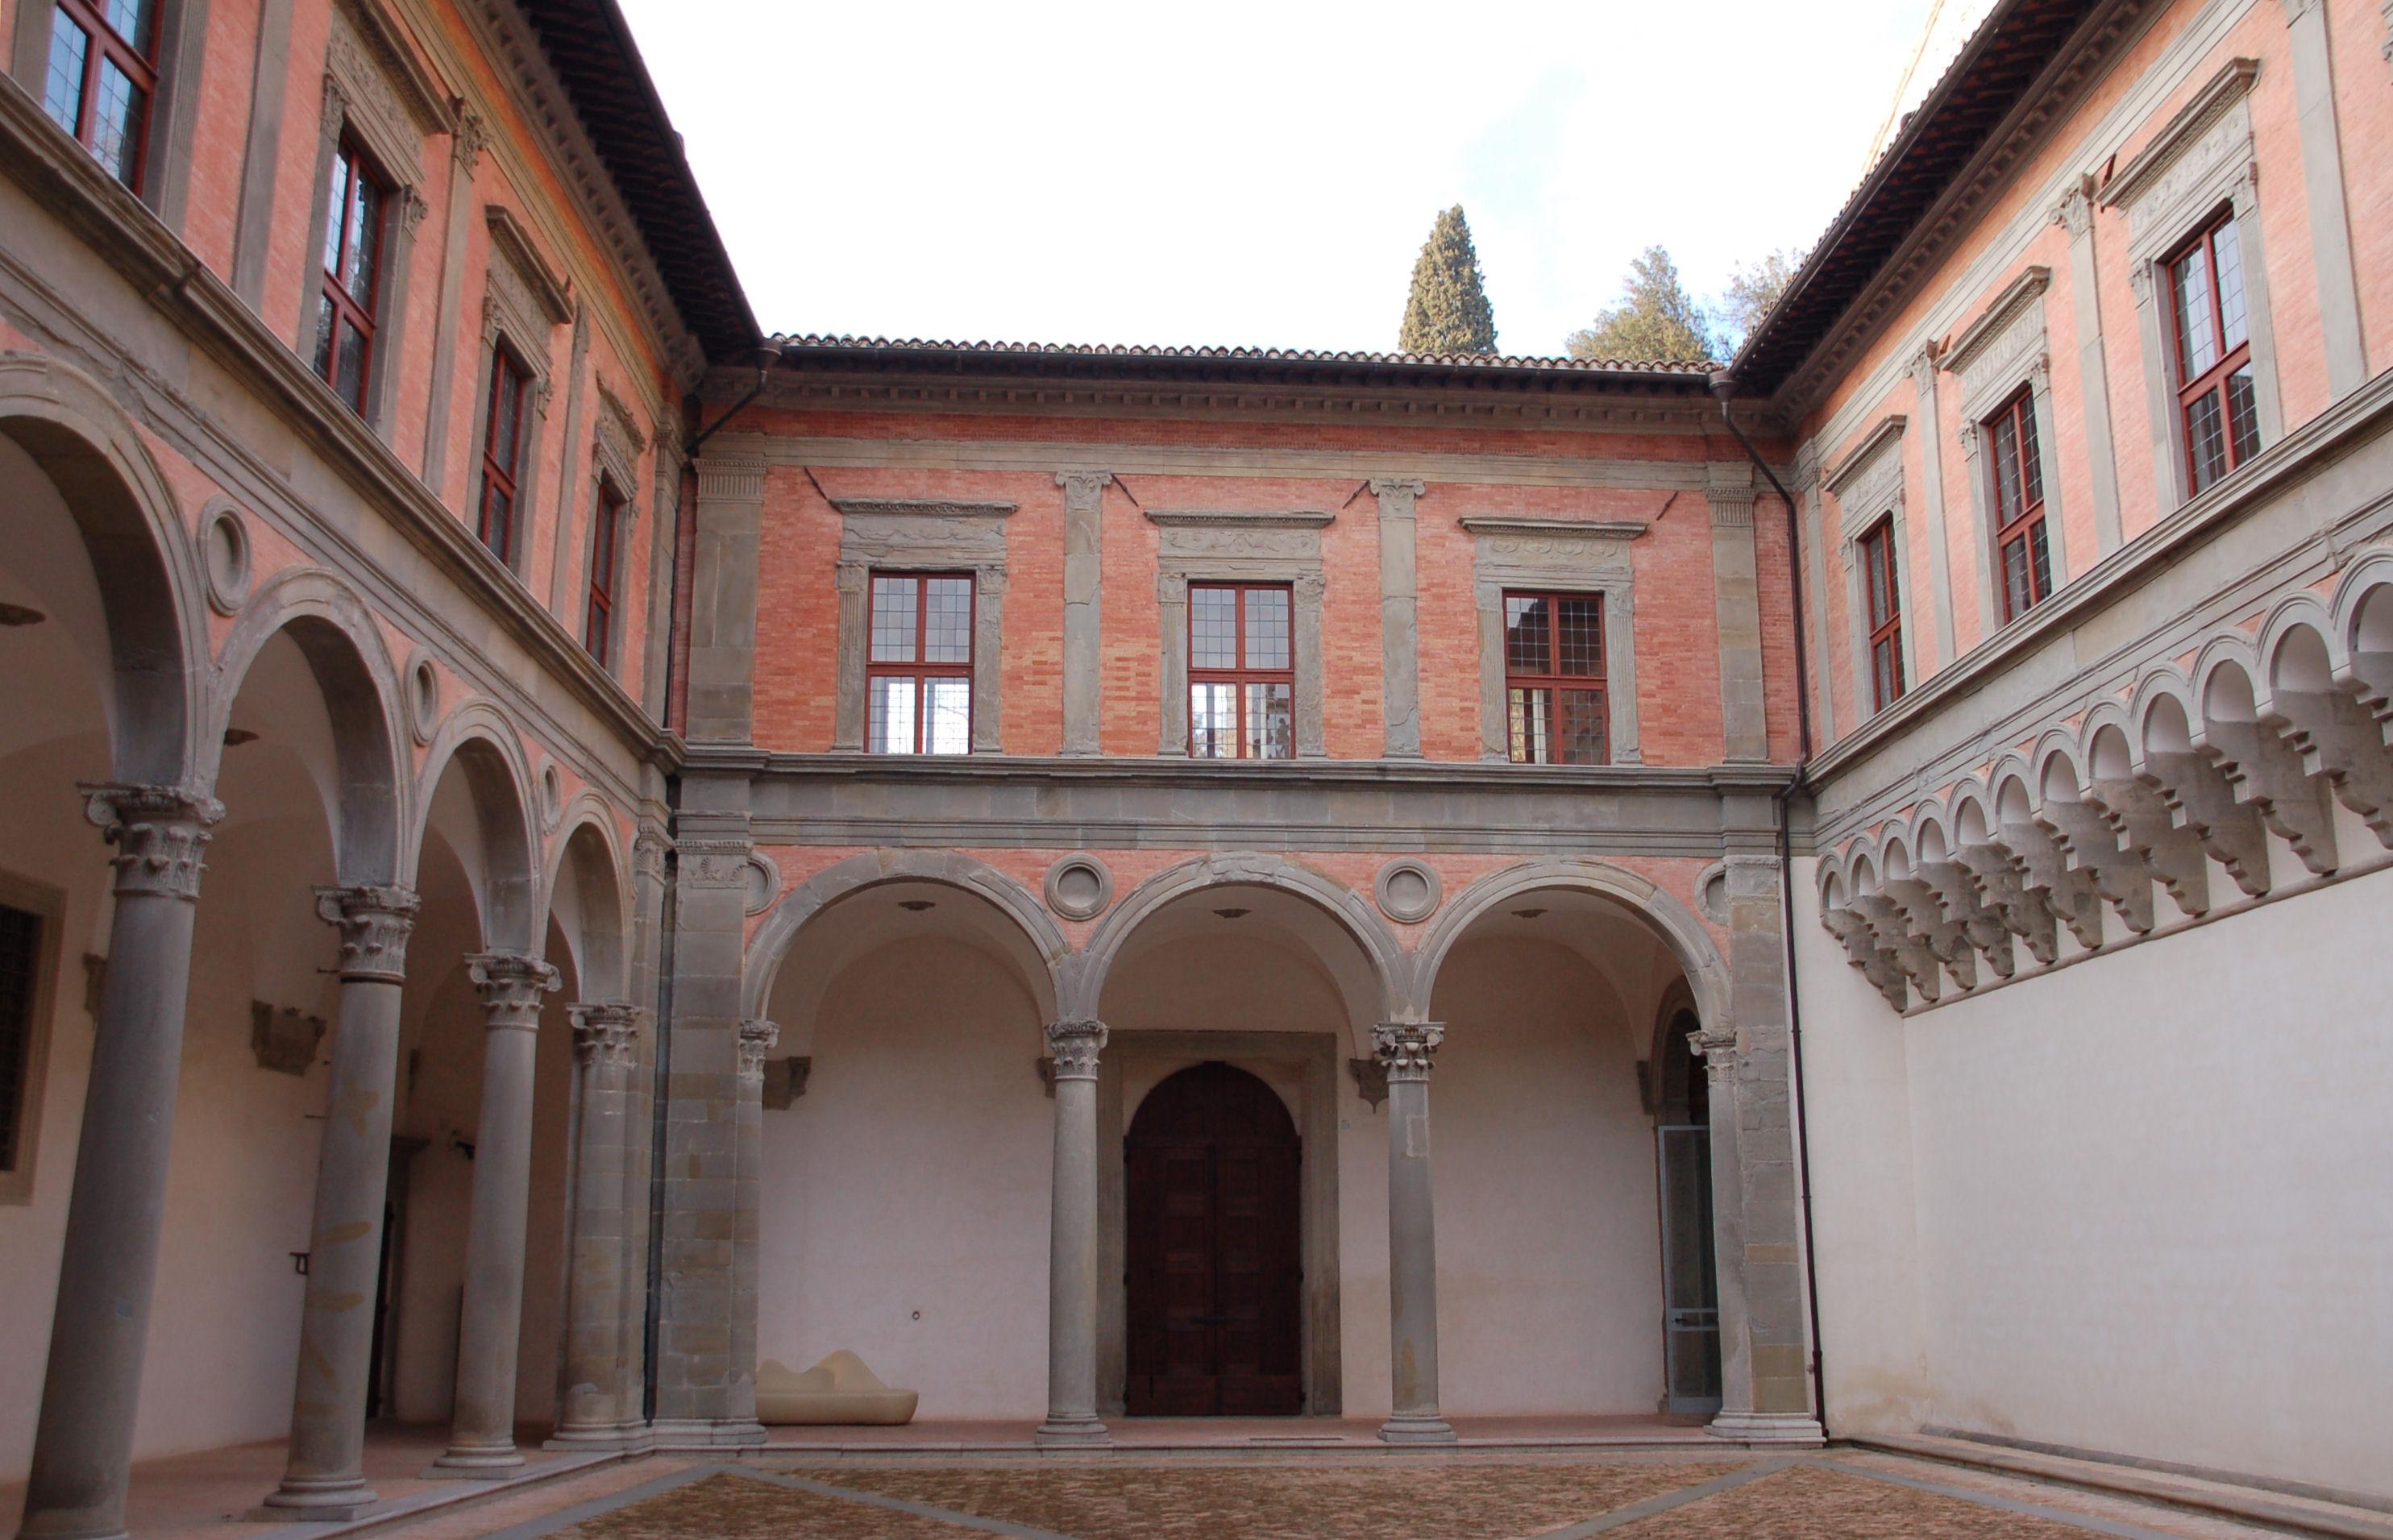 Gubbio il palazzo ducale di gubbio il cortile for Piani di coperta del cortile